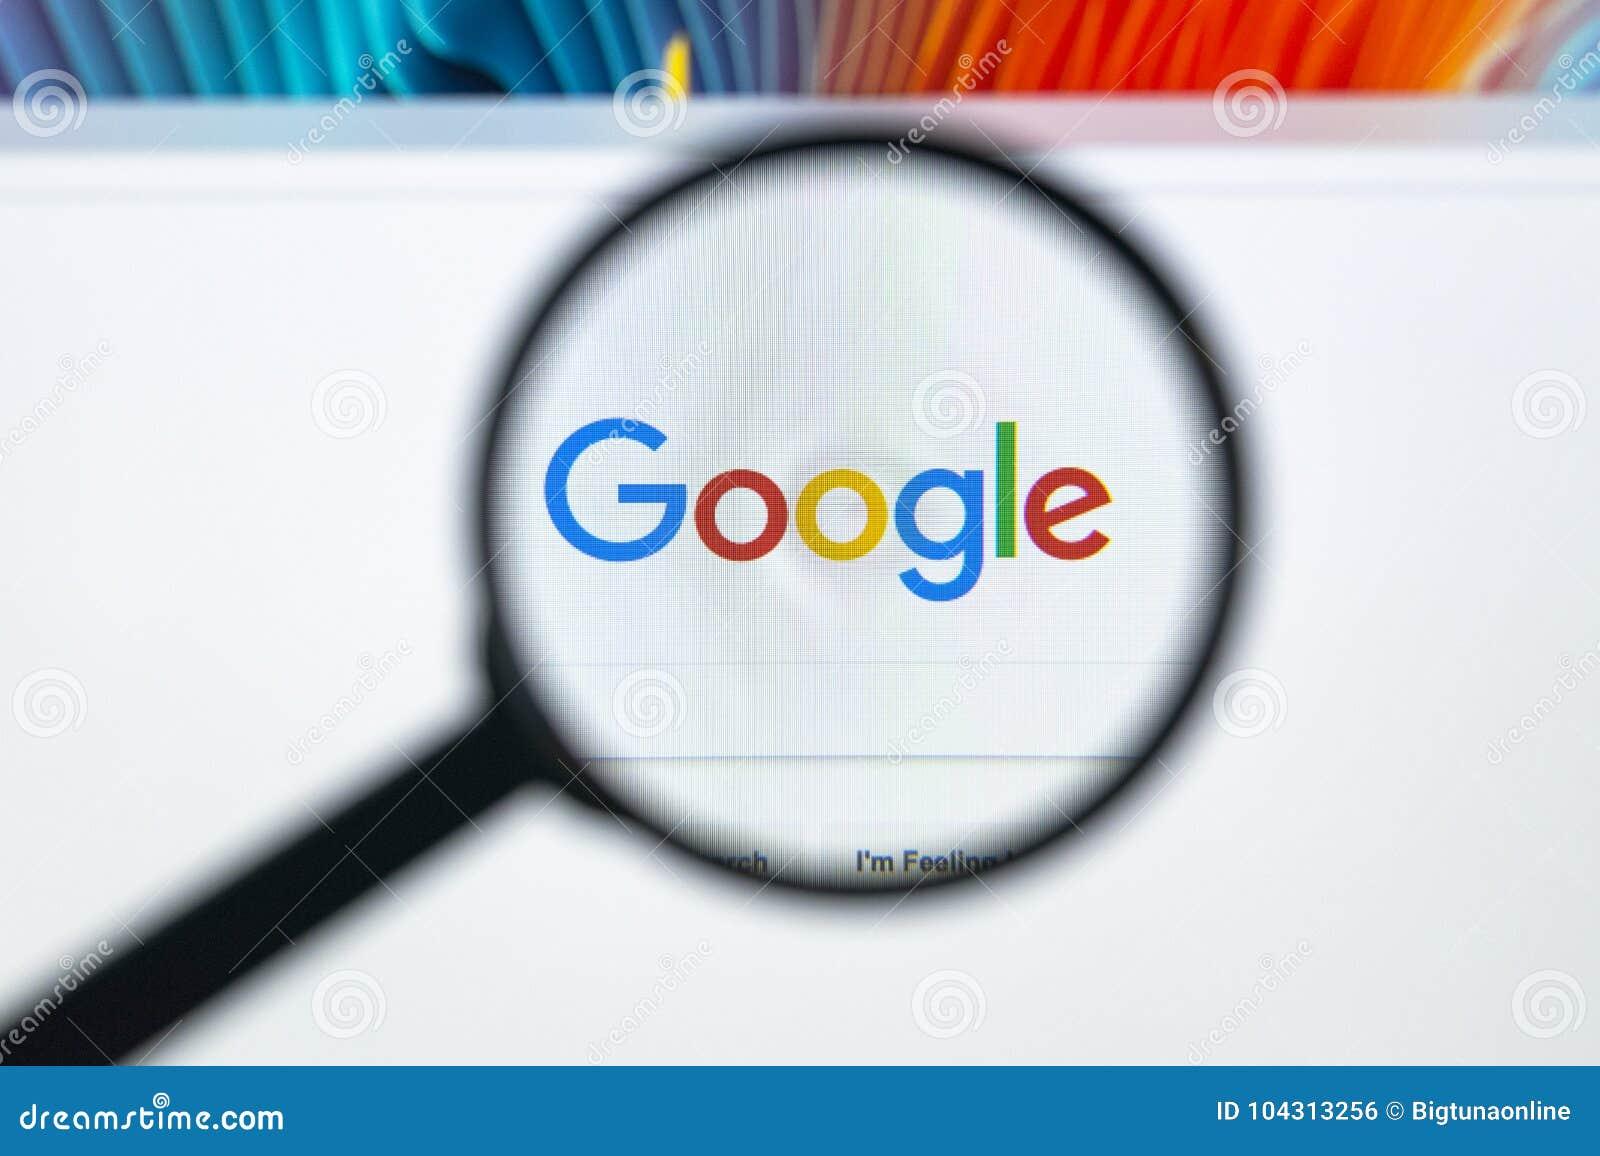 Google-homepage auf dem Bildschirm Apples IMac unter einer Lupe Google ist Welt-` s die meiste populäre Suchmaschine